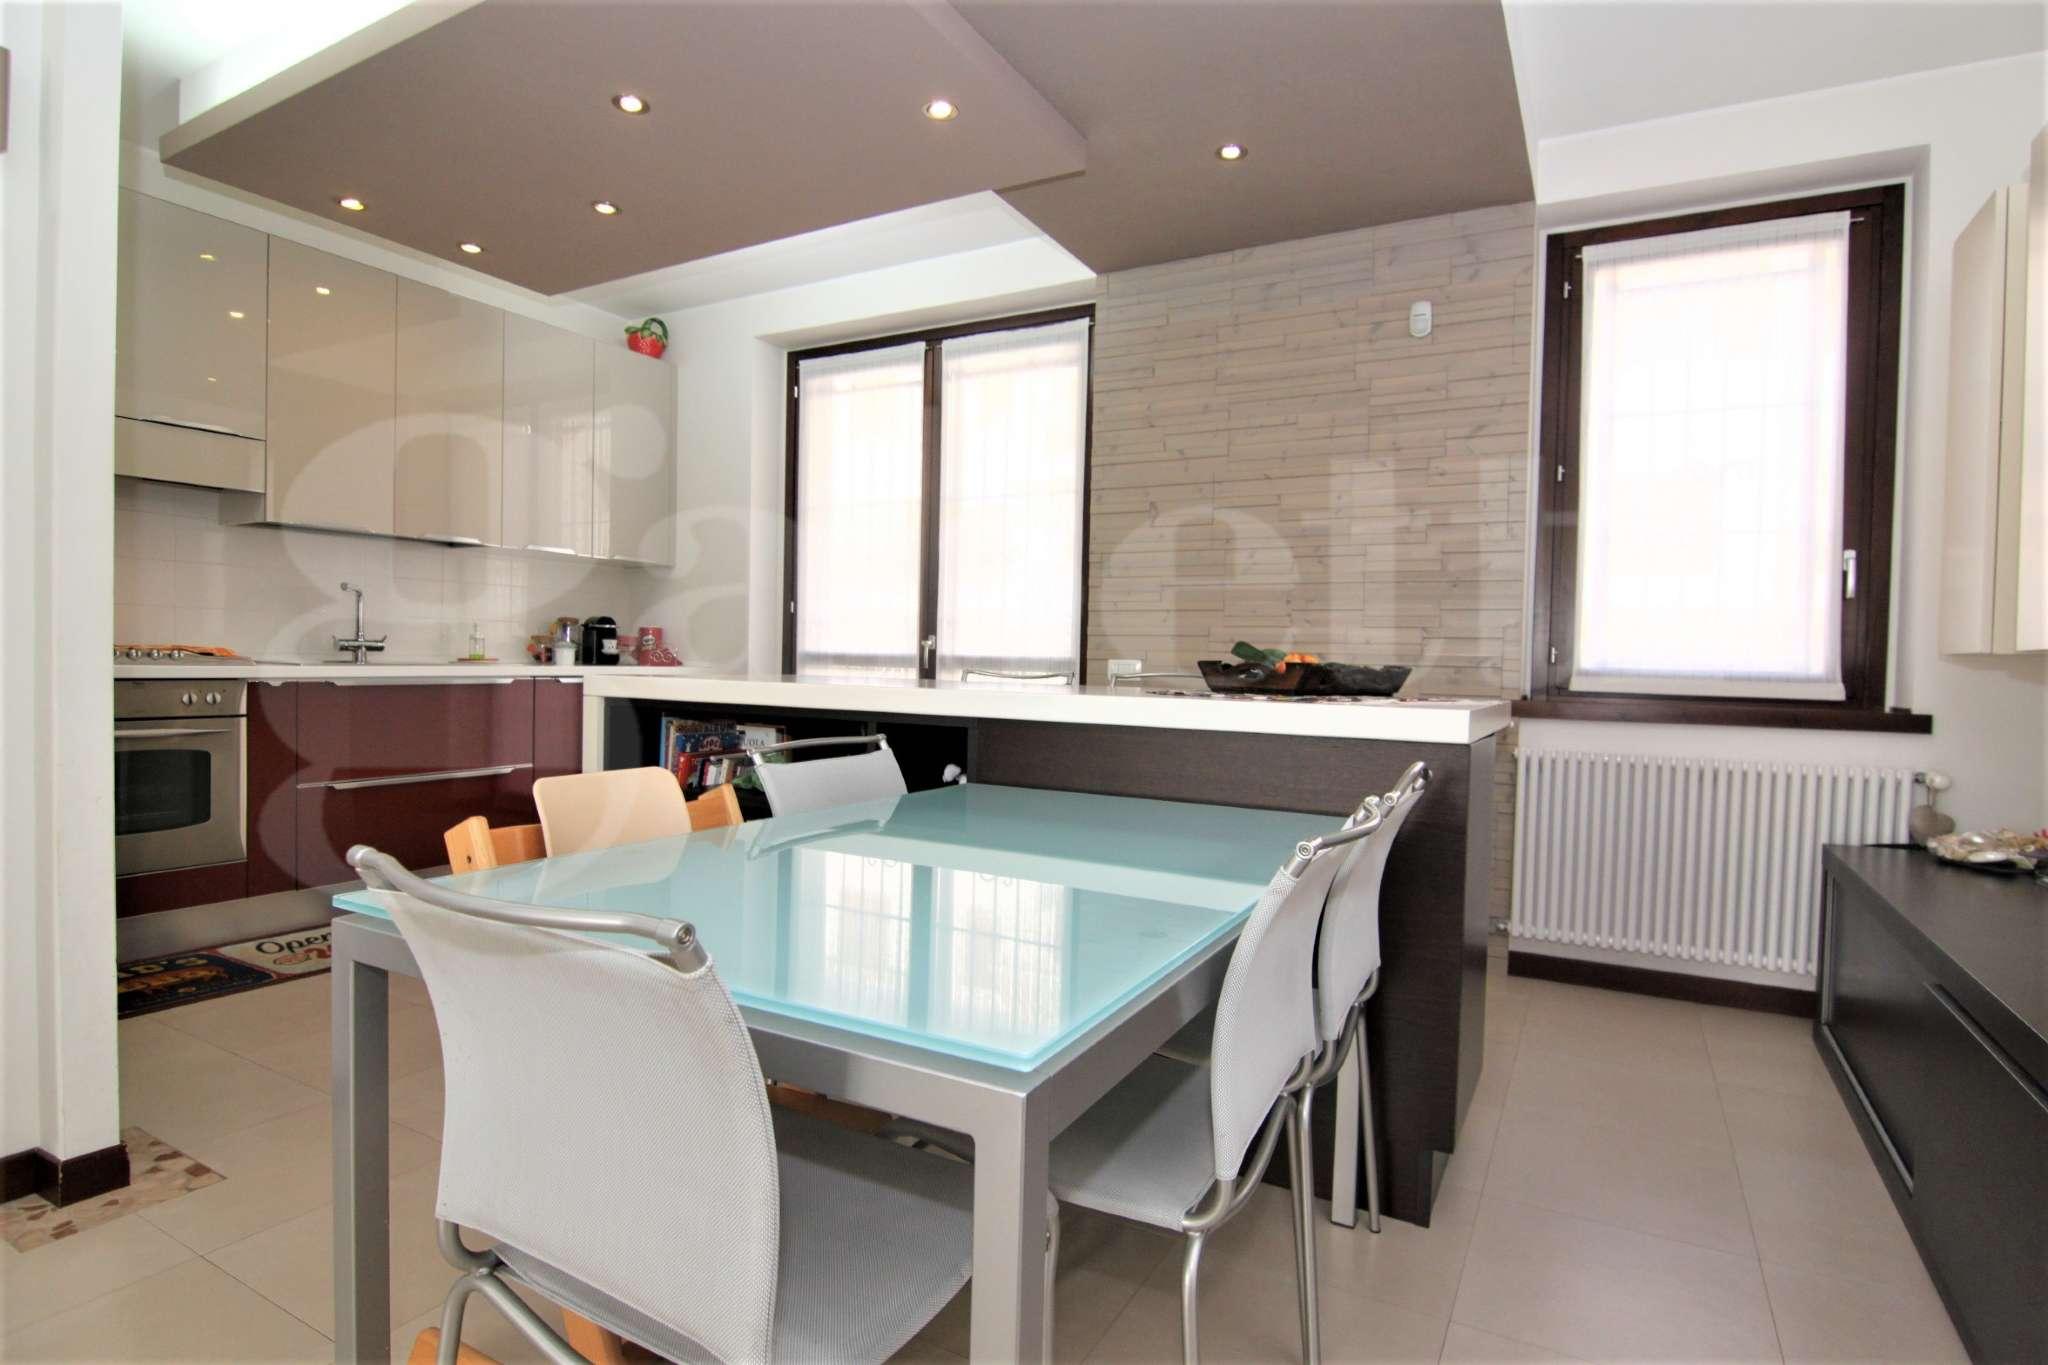 Villa a Schiera in vendita a Magnago, 3 locali, prezzo € 255.000 | CambioCasa.it